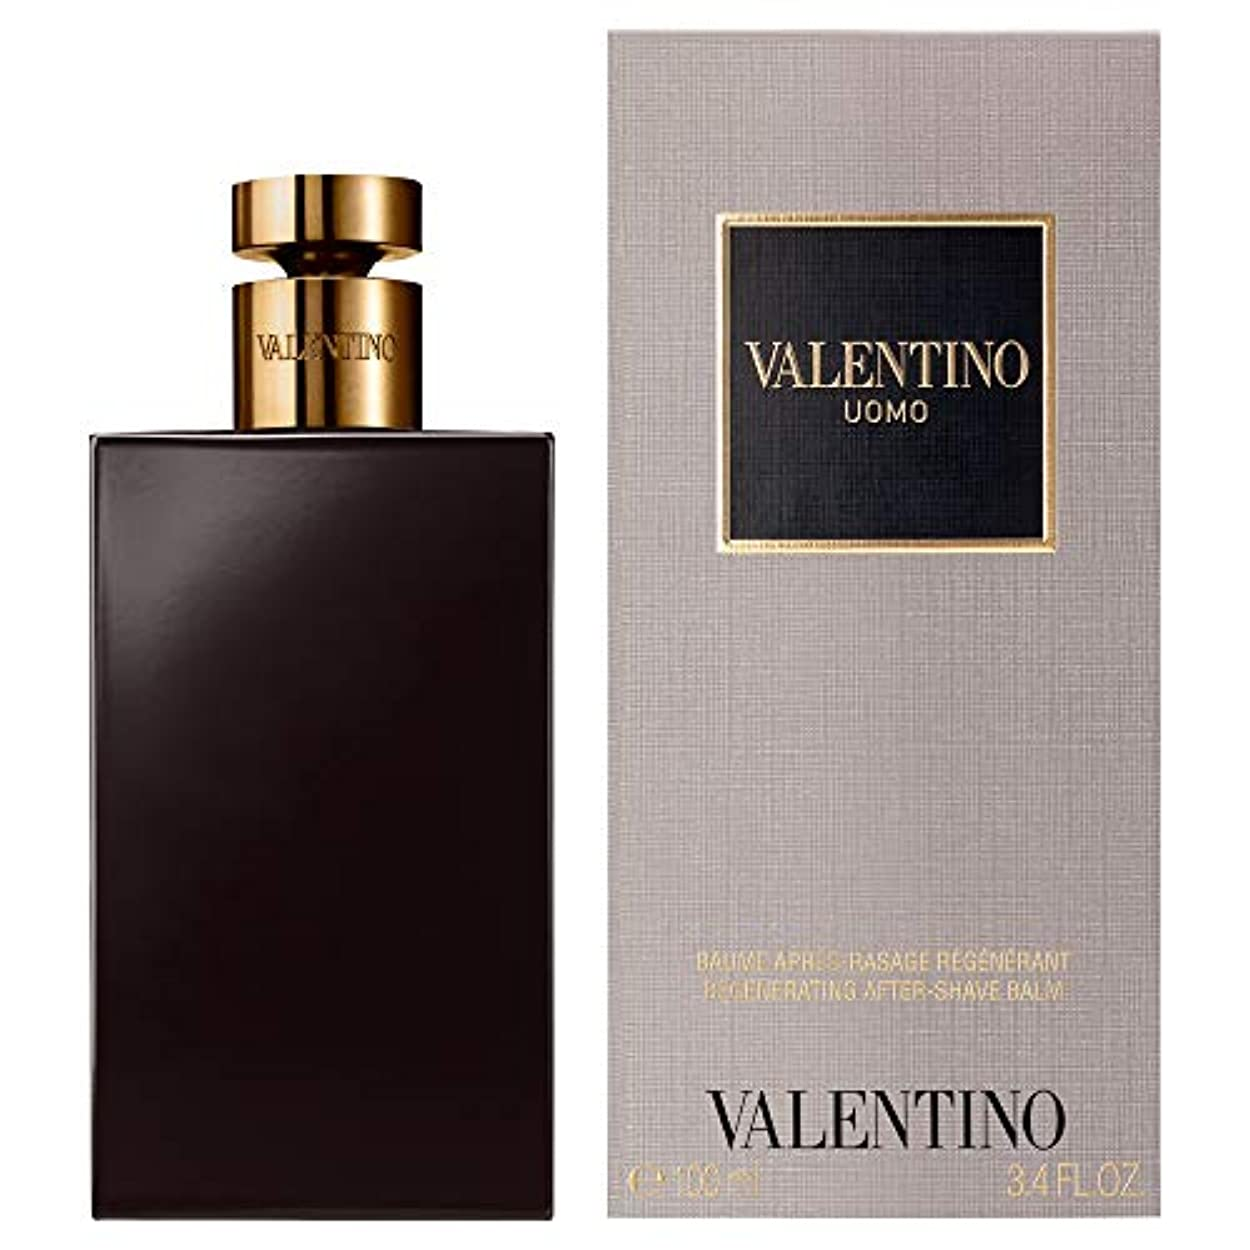 隠すヘロイン舞い上がる[Valentino] バレンティーノ?ウォモとしてバーム100ミリリットル - Valentino Uomo AS Balm 100ml [並行輸入品]